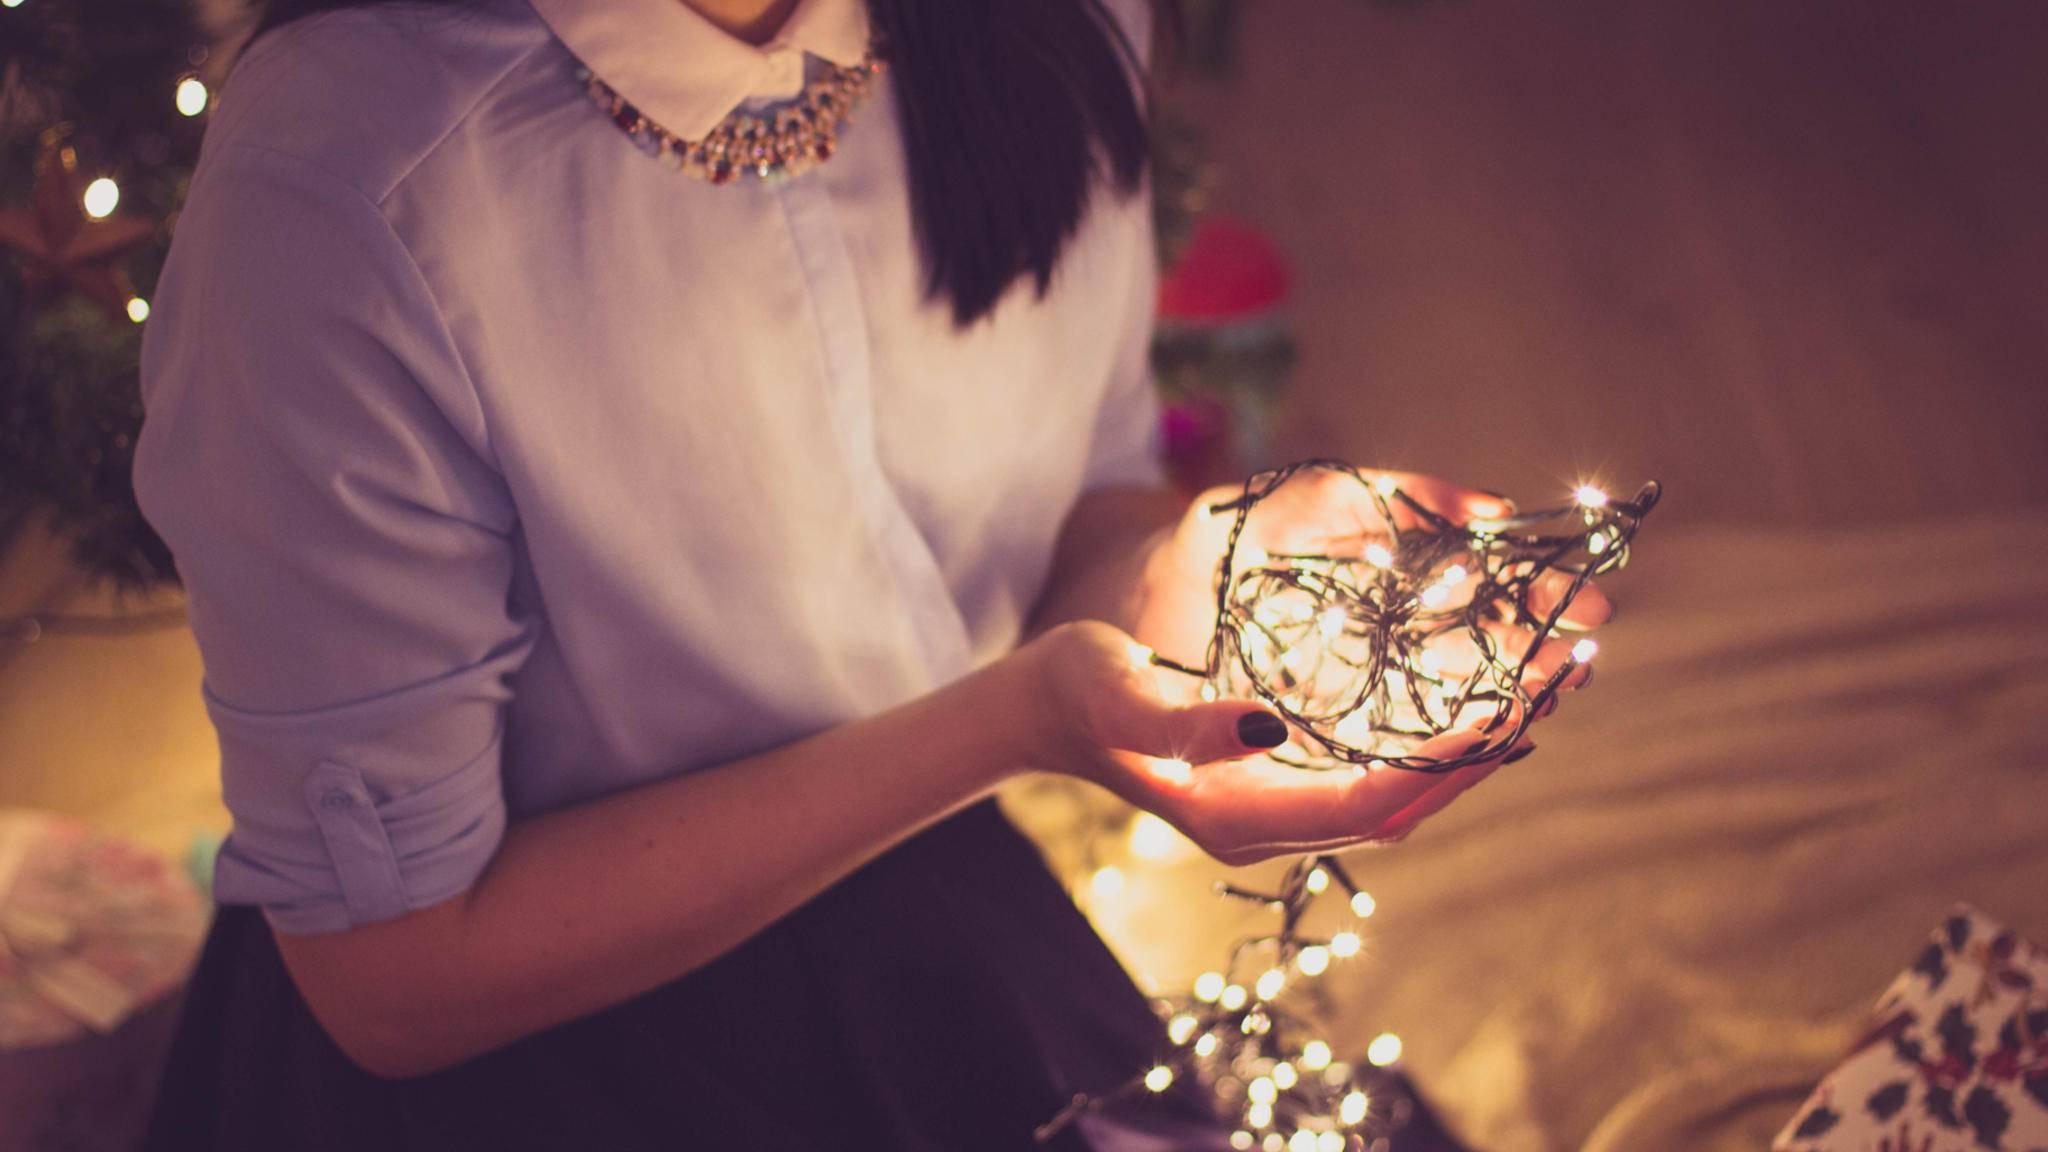 Mit Weihnachtslichtern kann man vielseitig dekorieren.